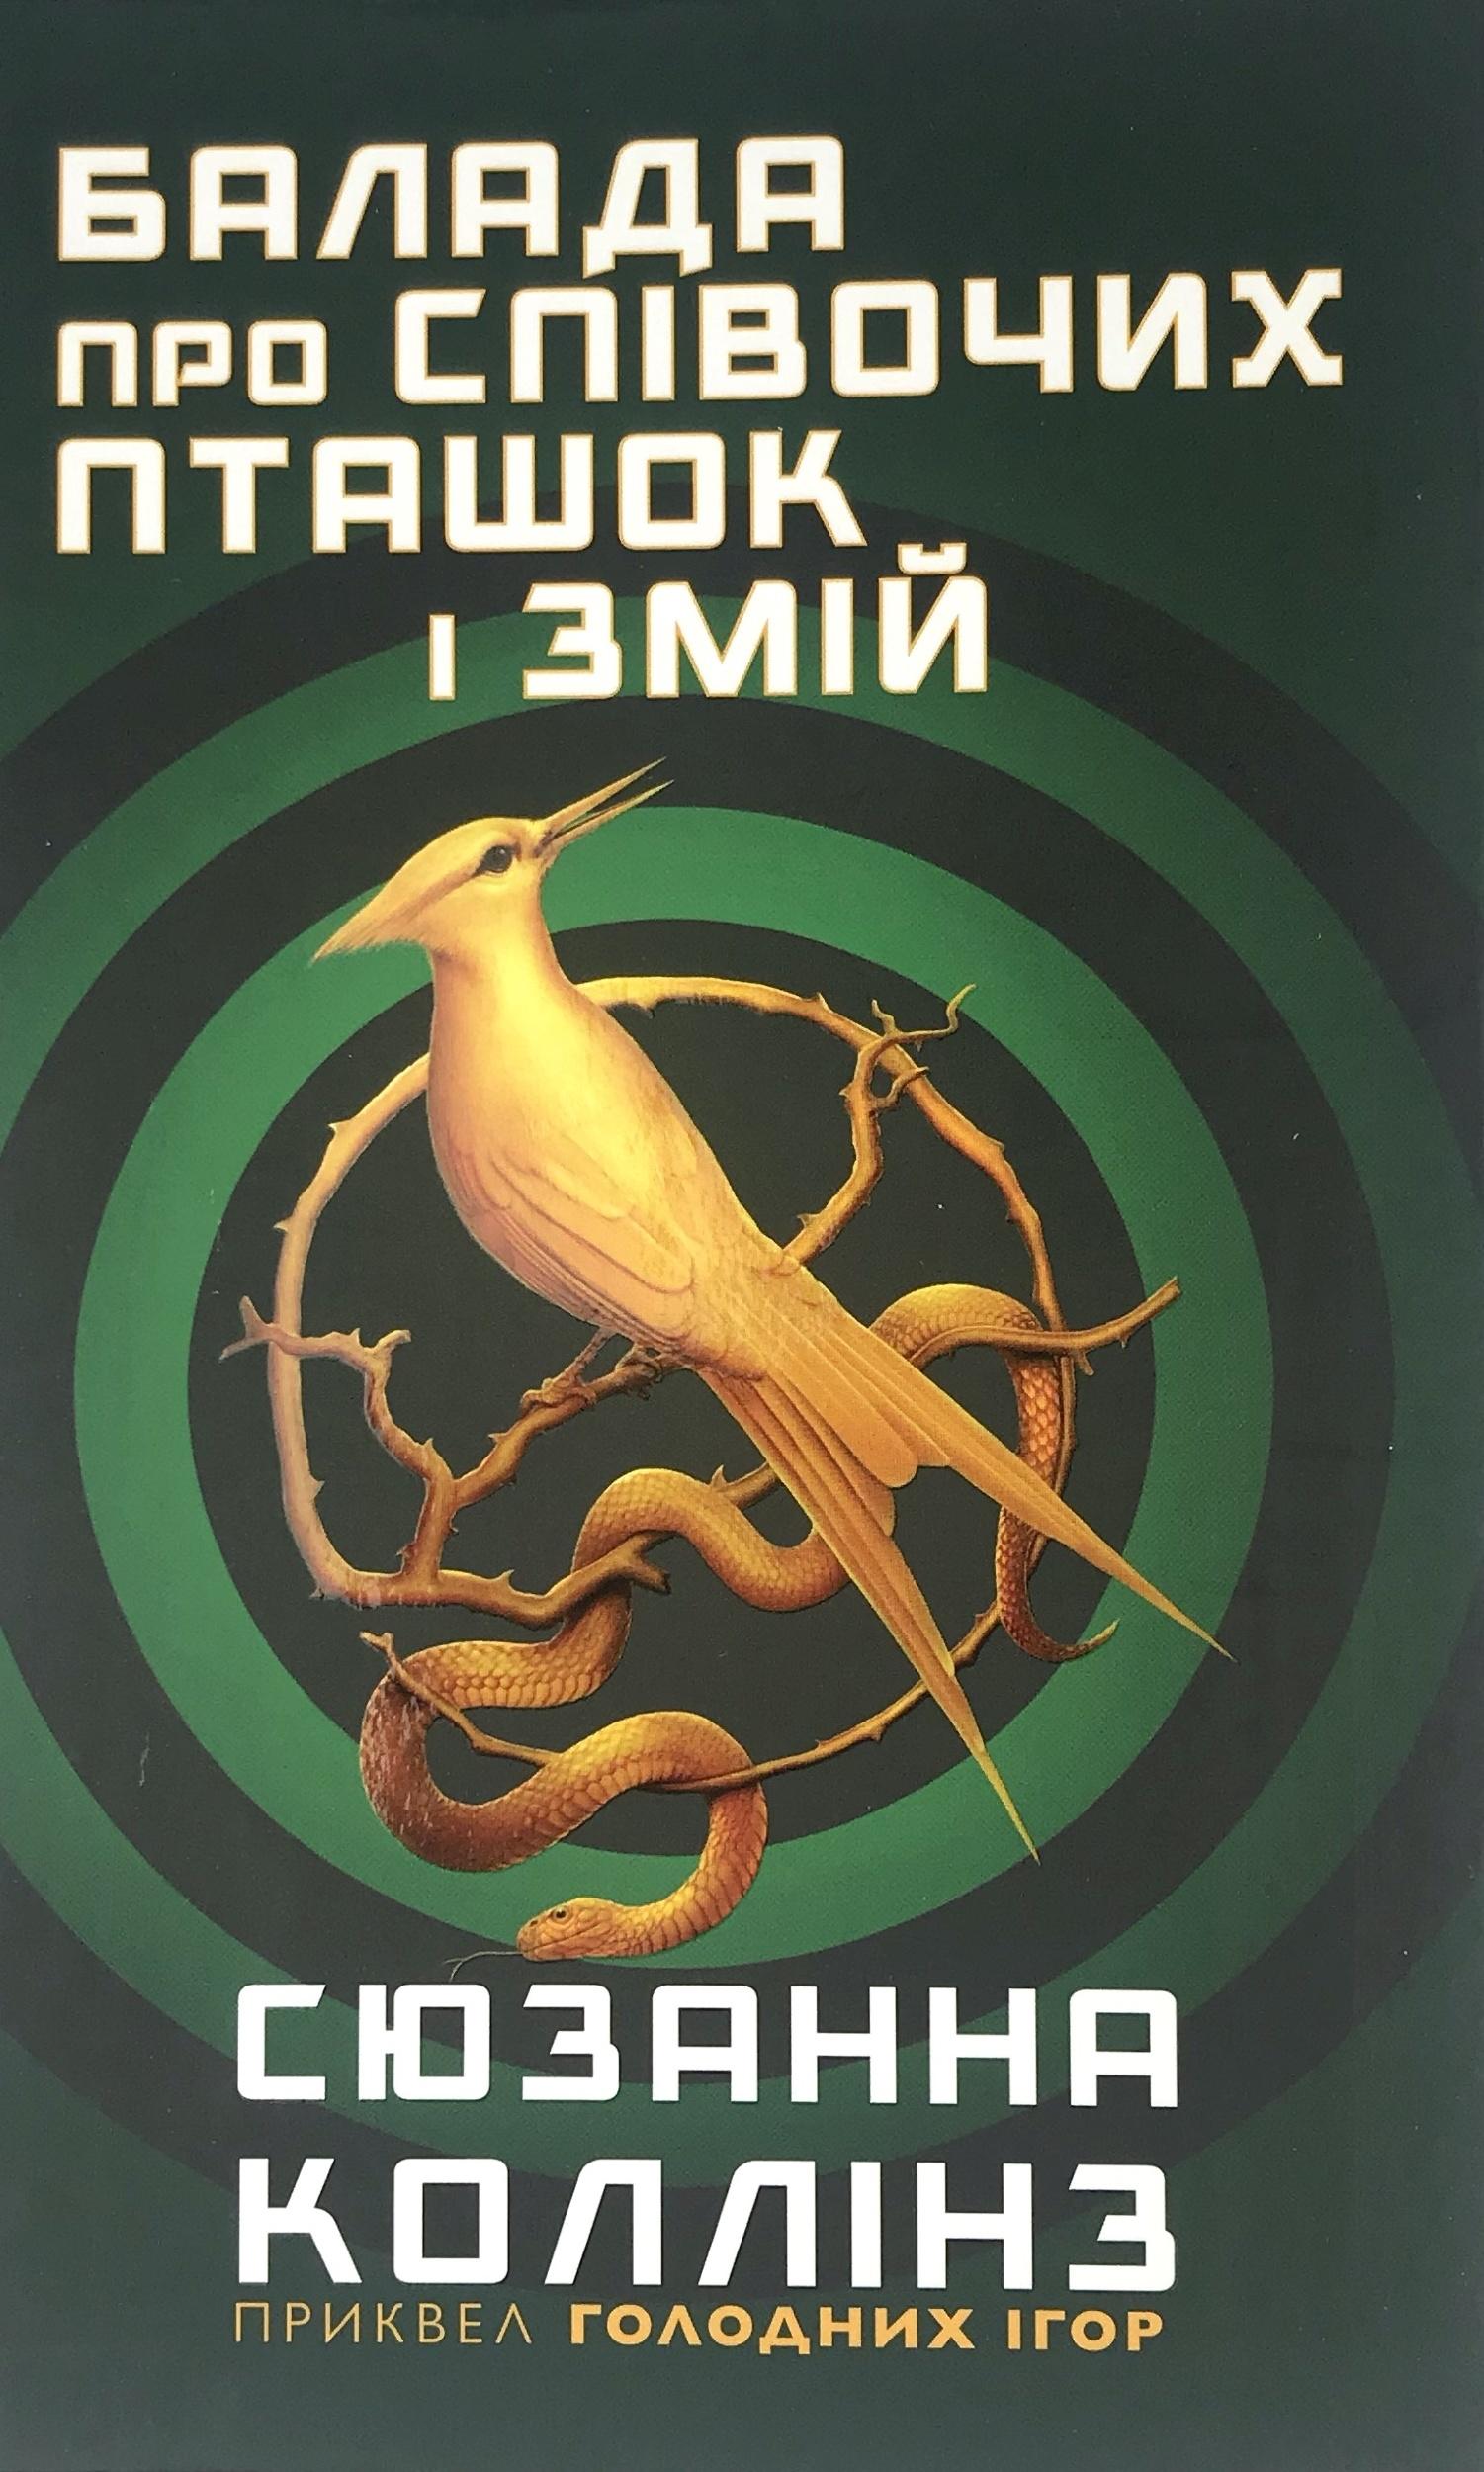 Балада про співочих пташок і змій